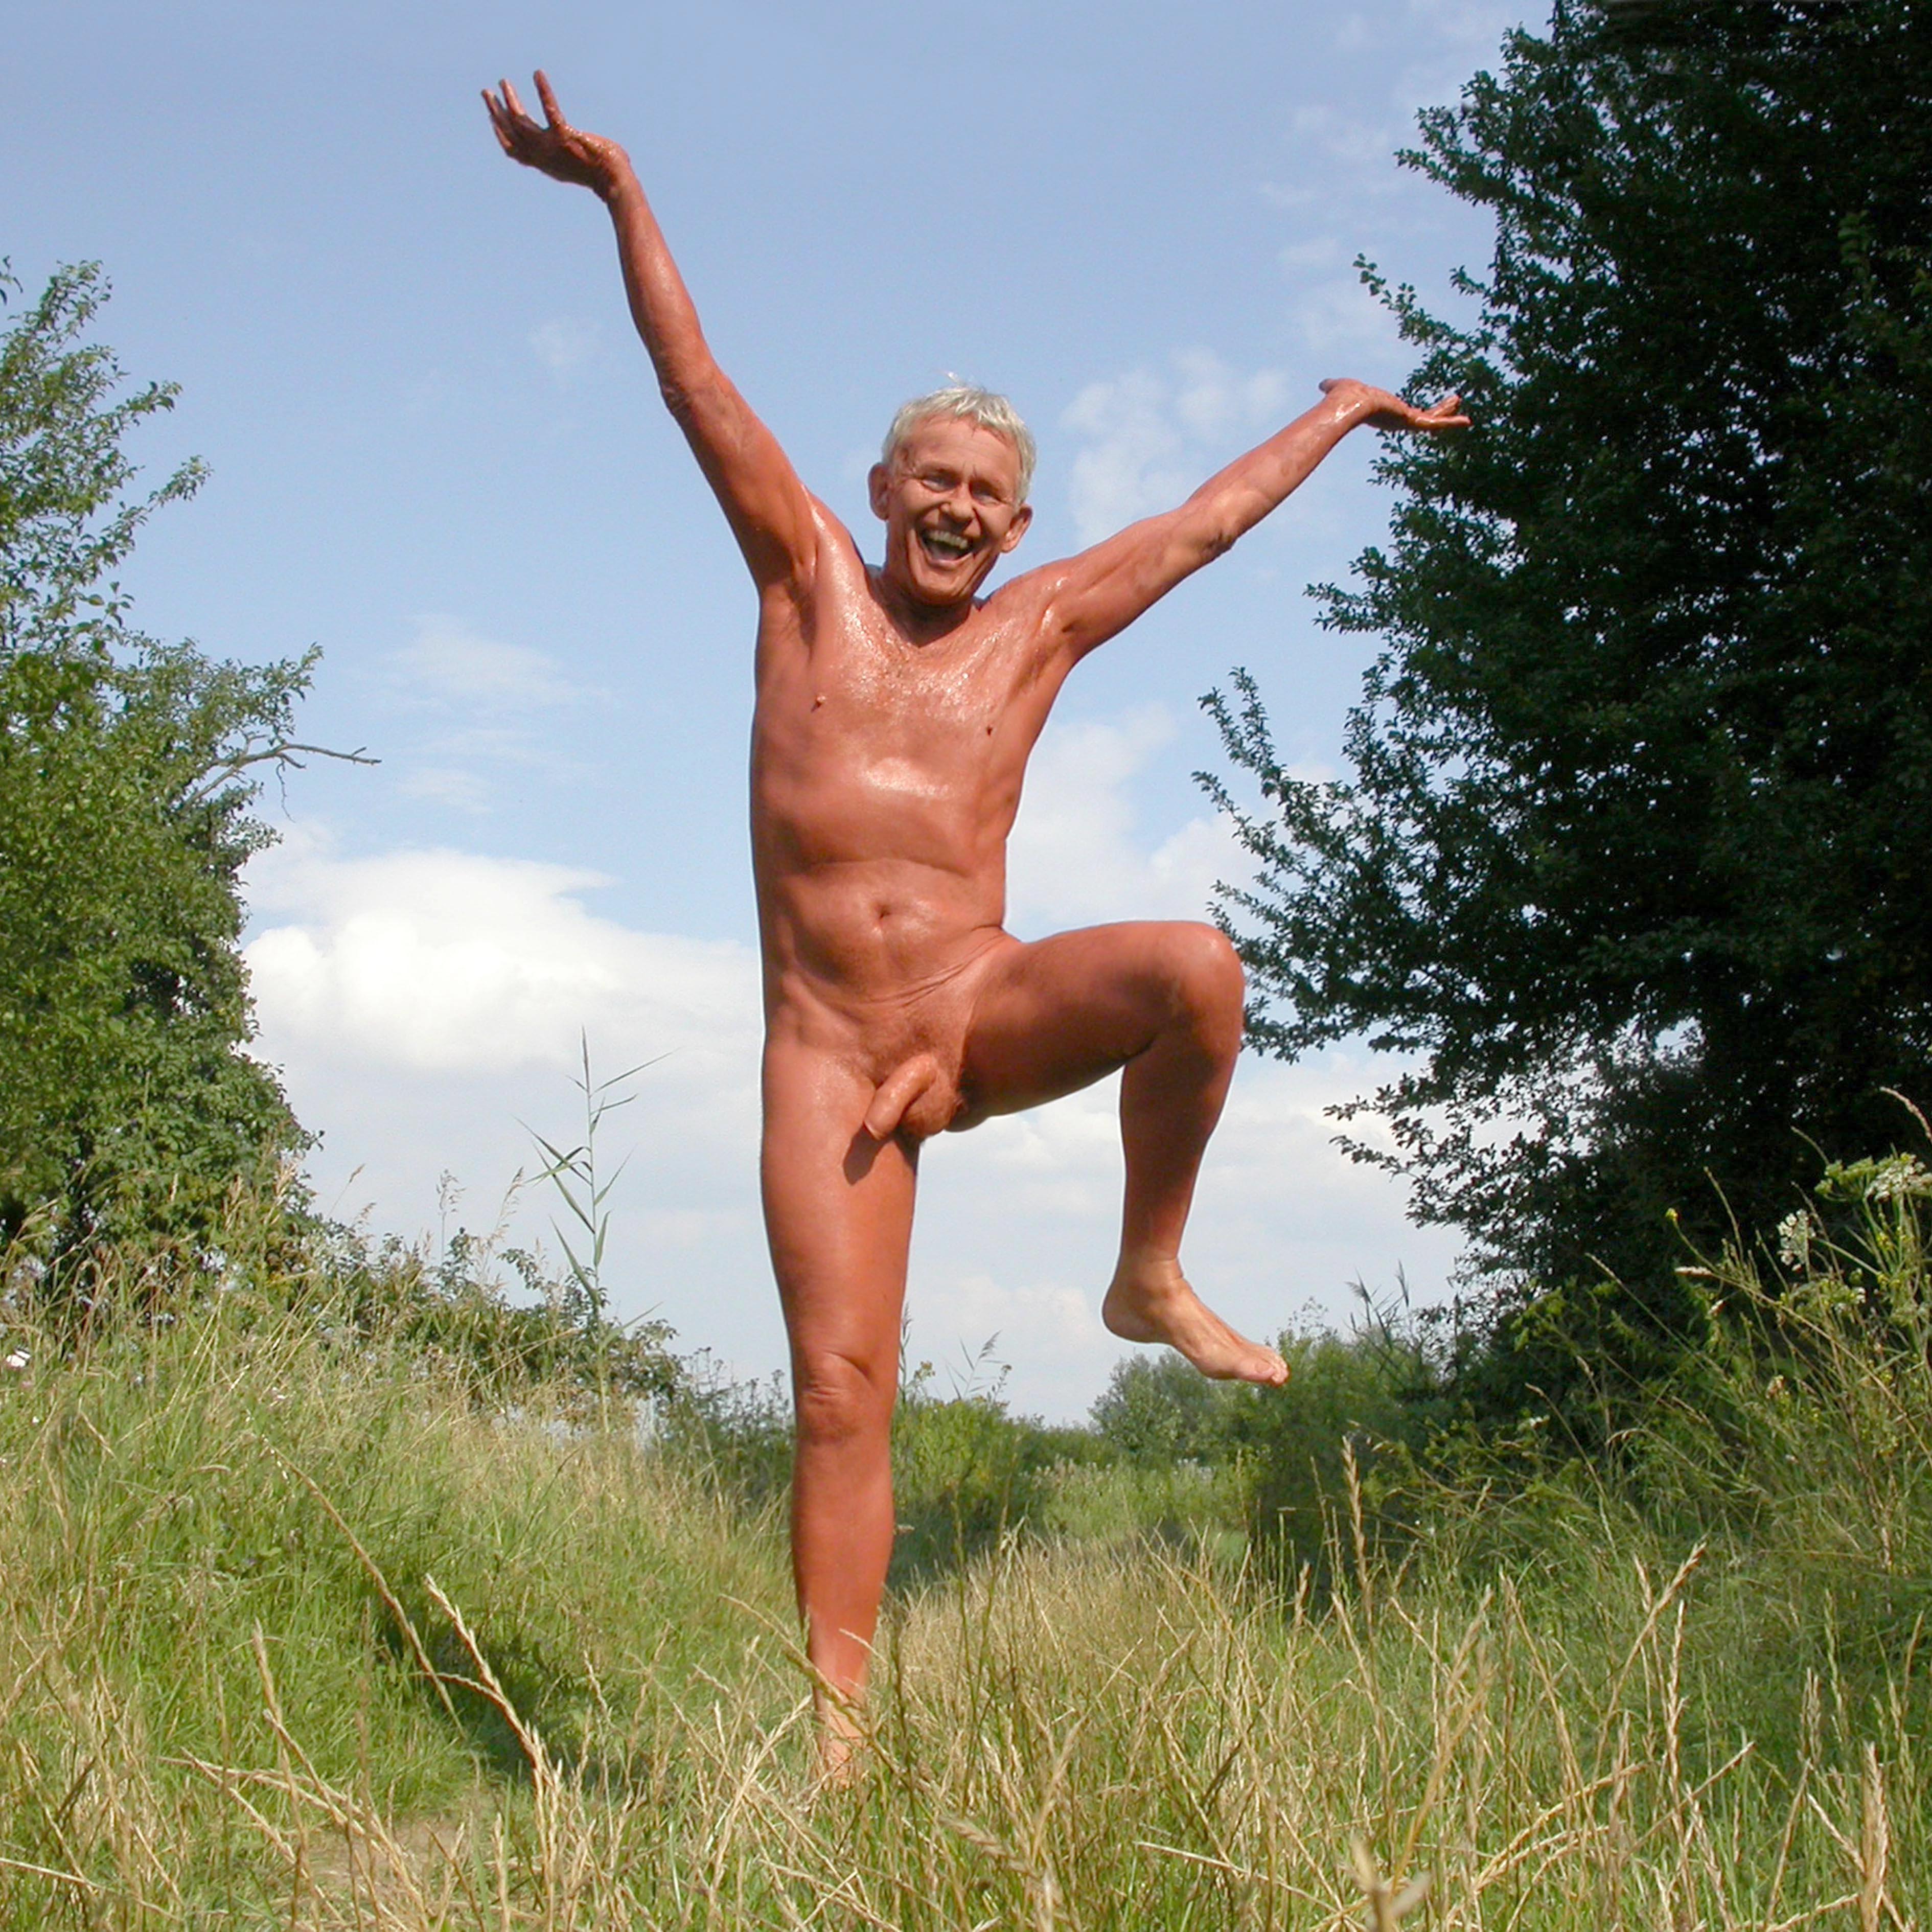 MäNner Nackt Bilder